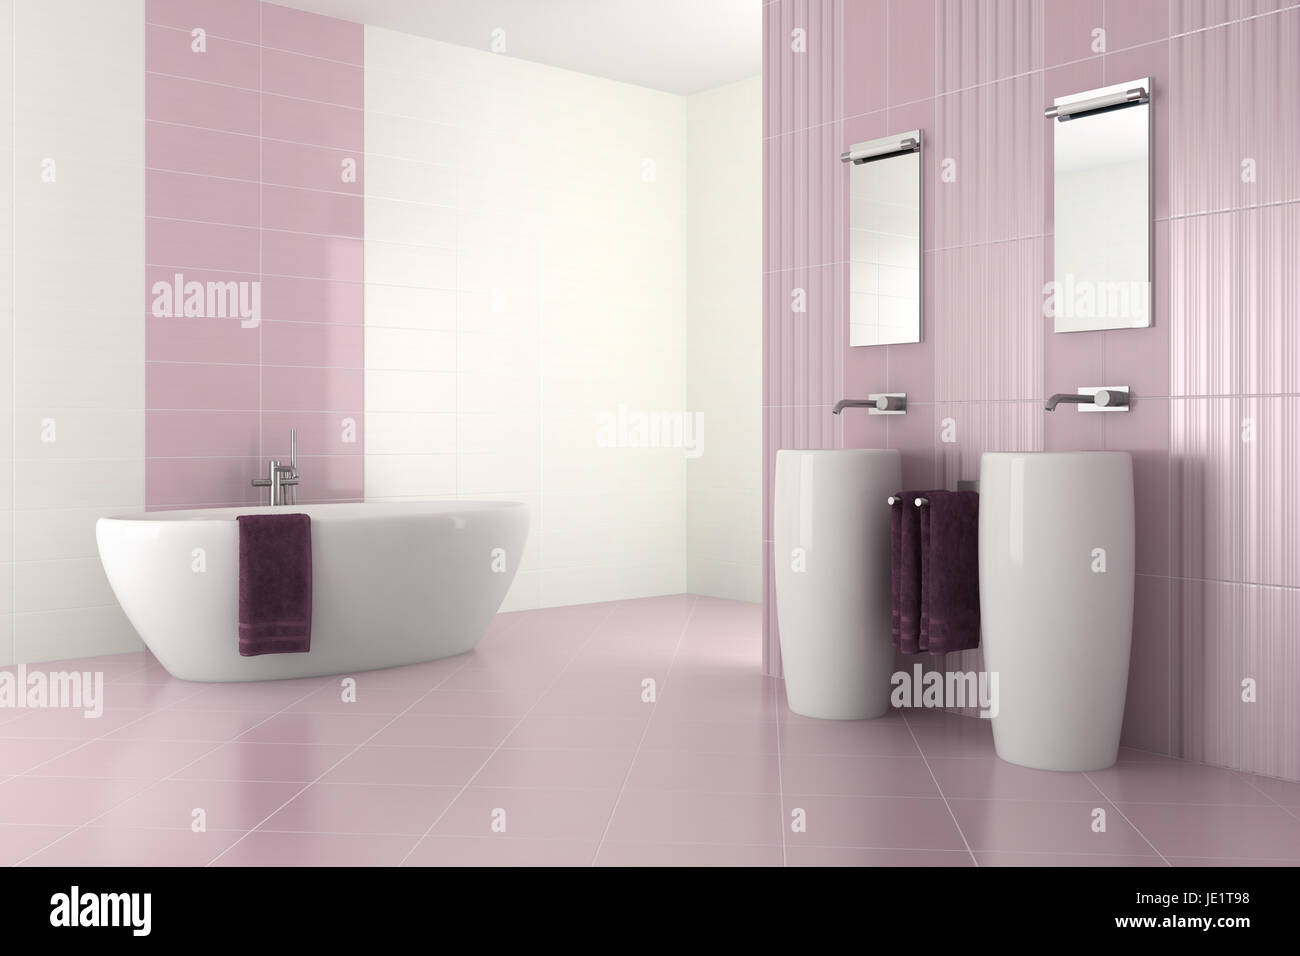 Vasca Da Bagno Con Lavabo : Sadasd europeo di rame di fascia alta vasca da bagno rubinetto